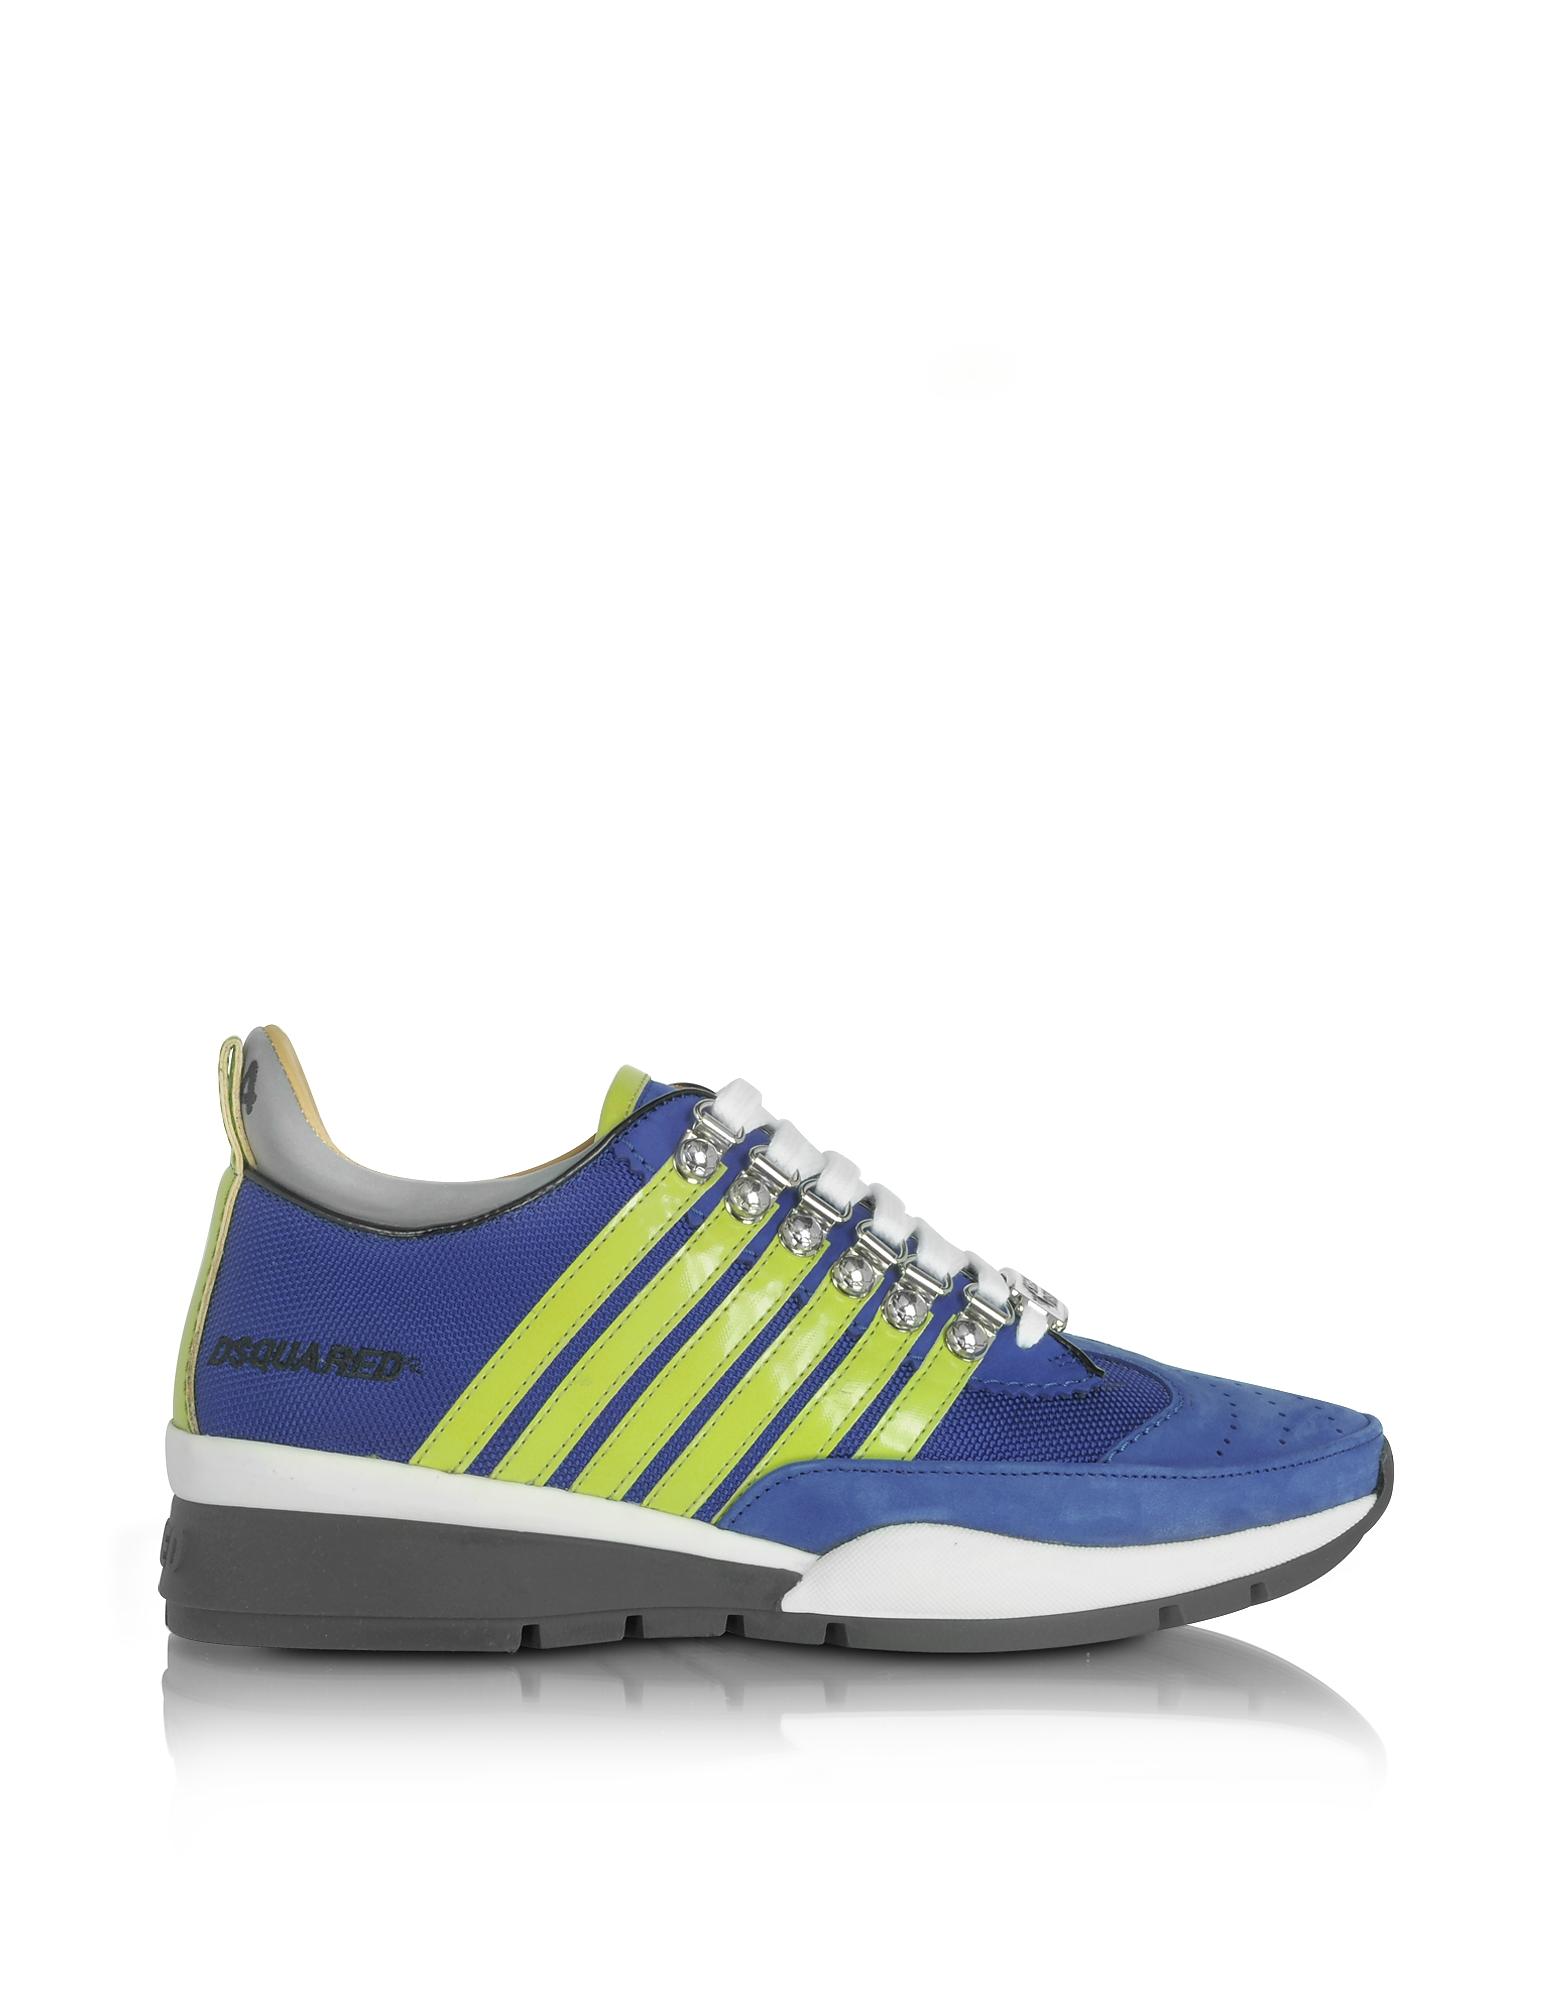 551 - Синие и Зеленые Мужские Кроссовки